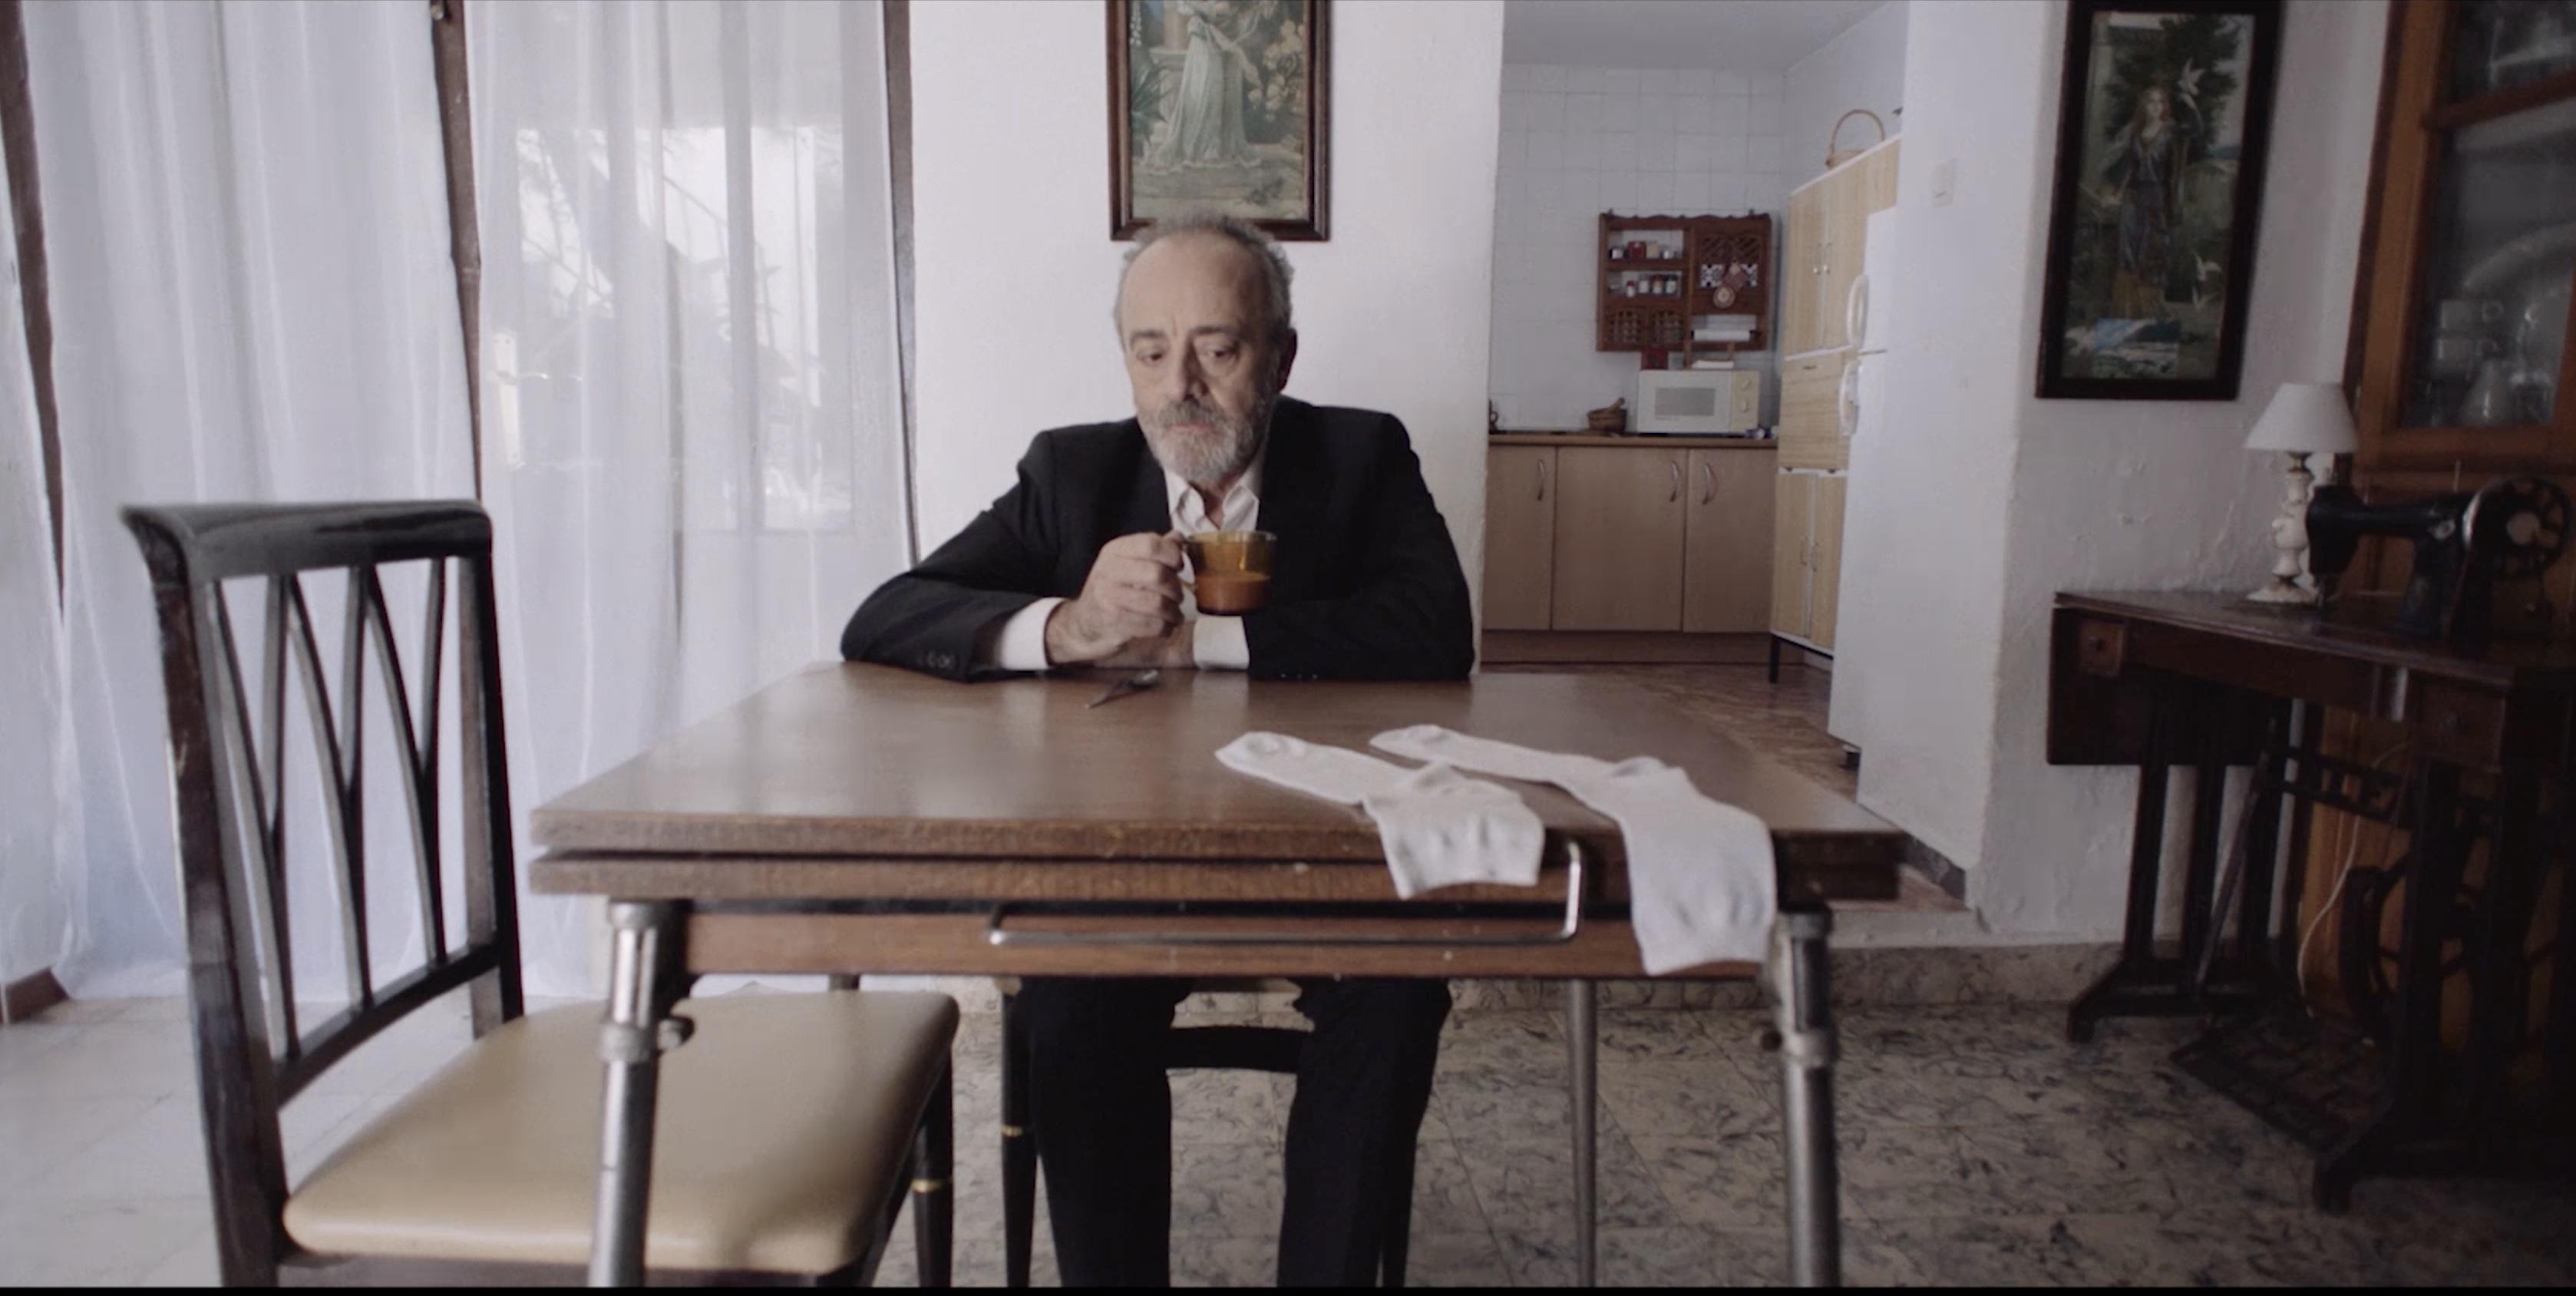 Juan mesa